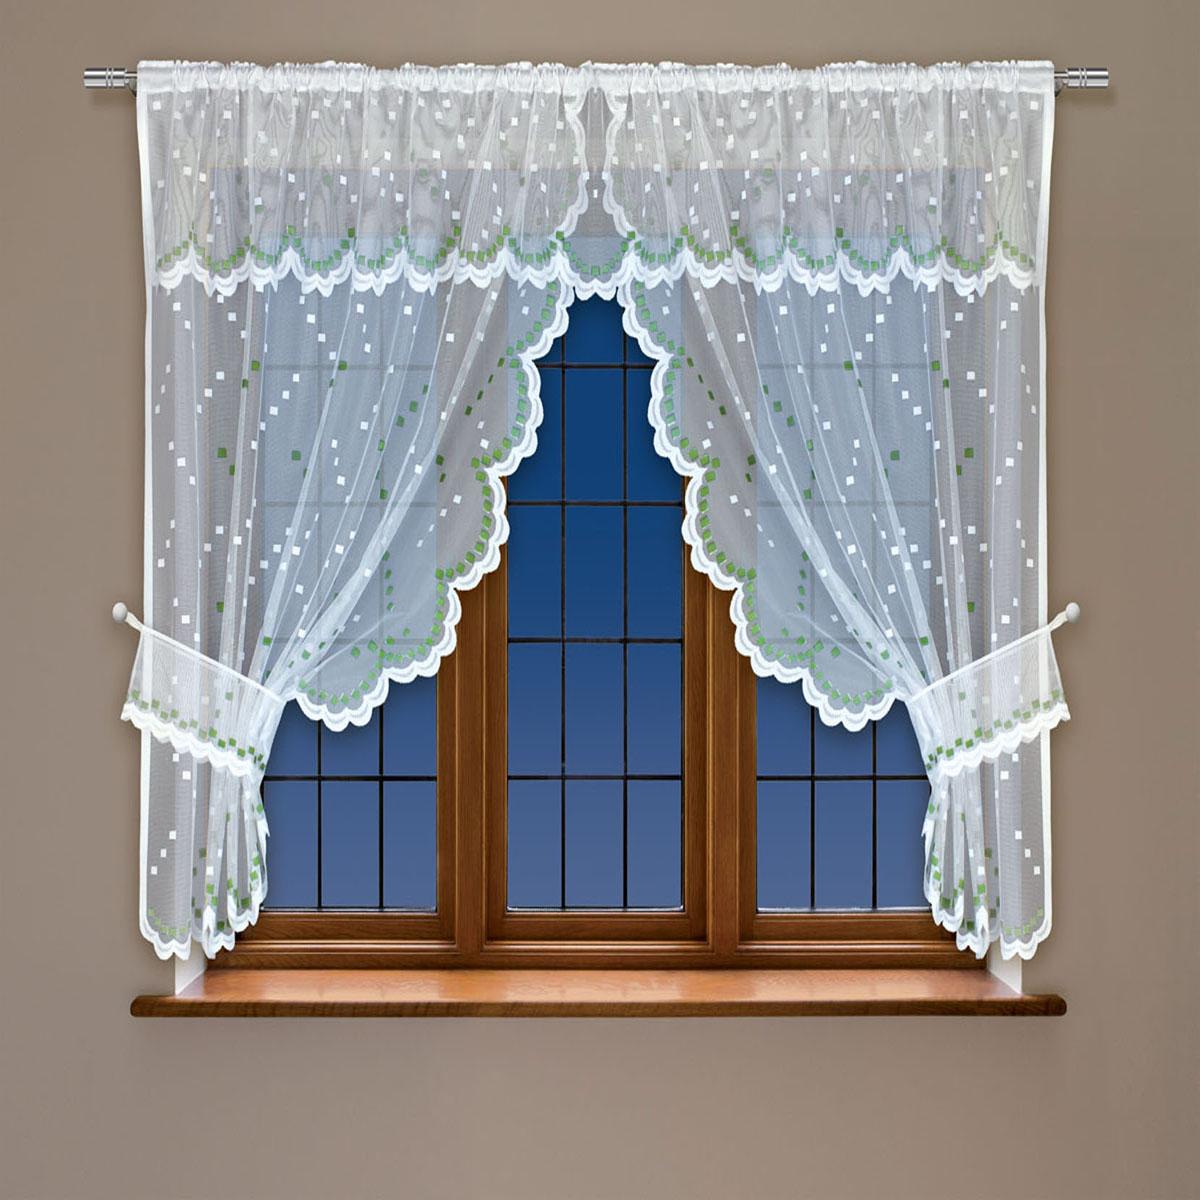 Гардина Haft, на кулиске, цвет: белый, зеленый, высота 91 см. 228410S03301004Воздушная гардина Haft, выполненная из полиэстера, великолепно украсит любое окно.Изделие имеет оригинальный дизайн и органично впишется в интерьер помещения.Гардина крепится на карниз при помощи кулиски.